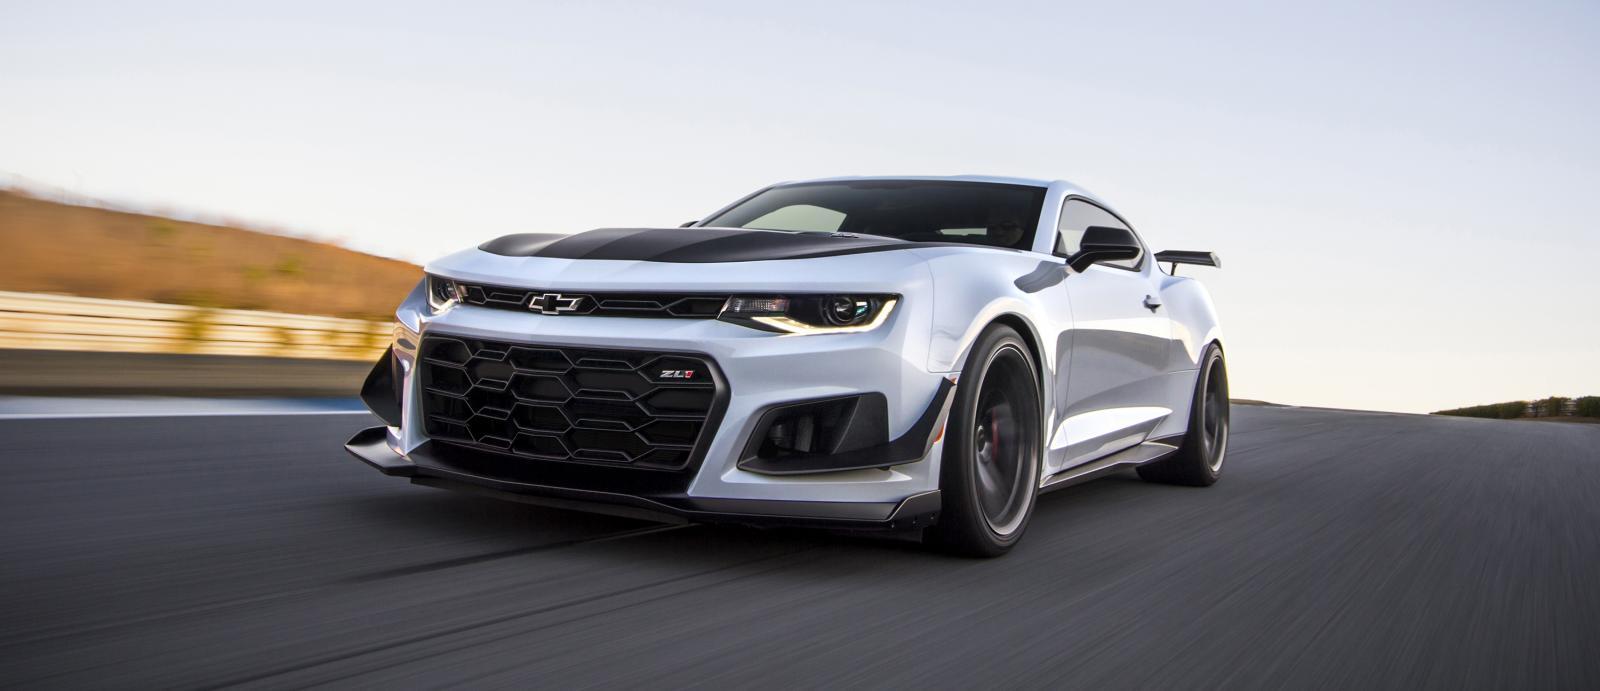 Name:  2019-Chevrolet-Camaro-ZL1-1LE-015 2.jpg Views: 3987 Size:  75.4 KB